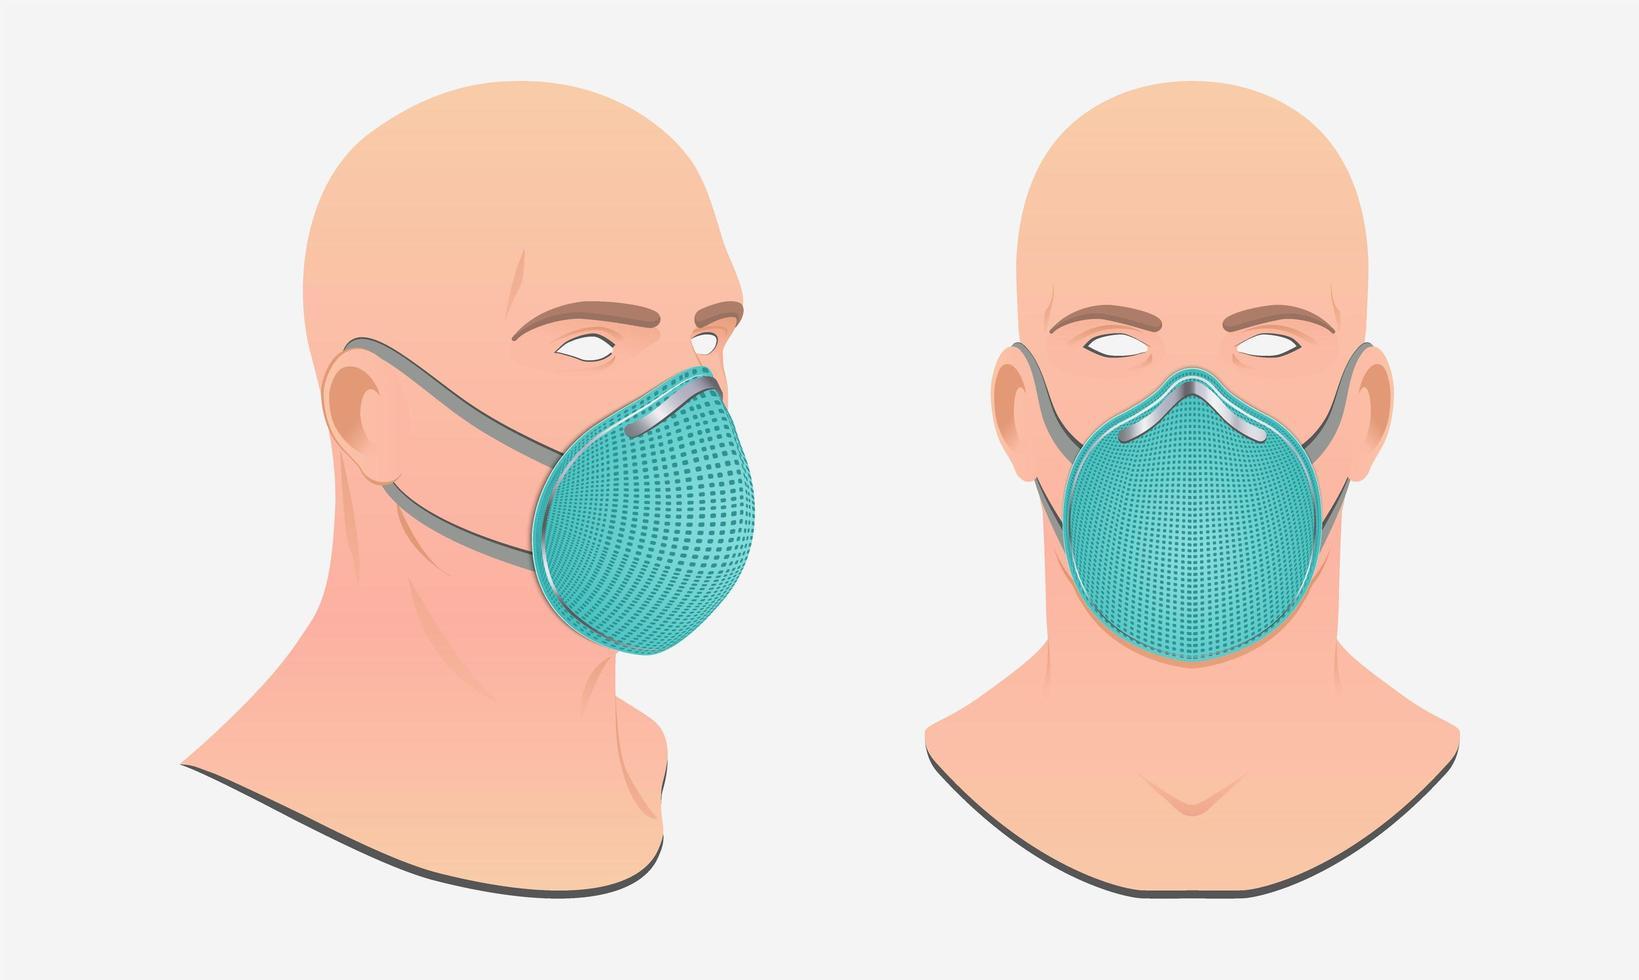 pessoa vestindo máscara cirúrgica vetor